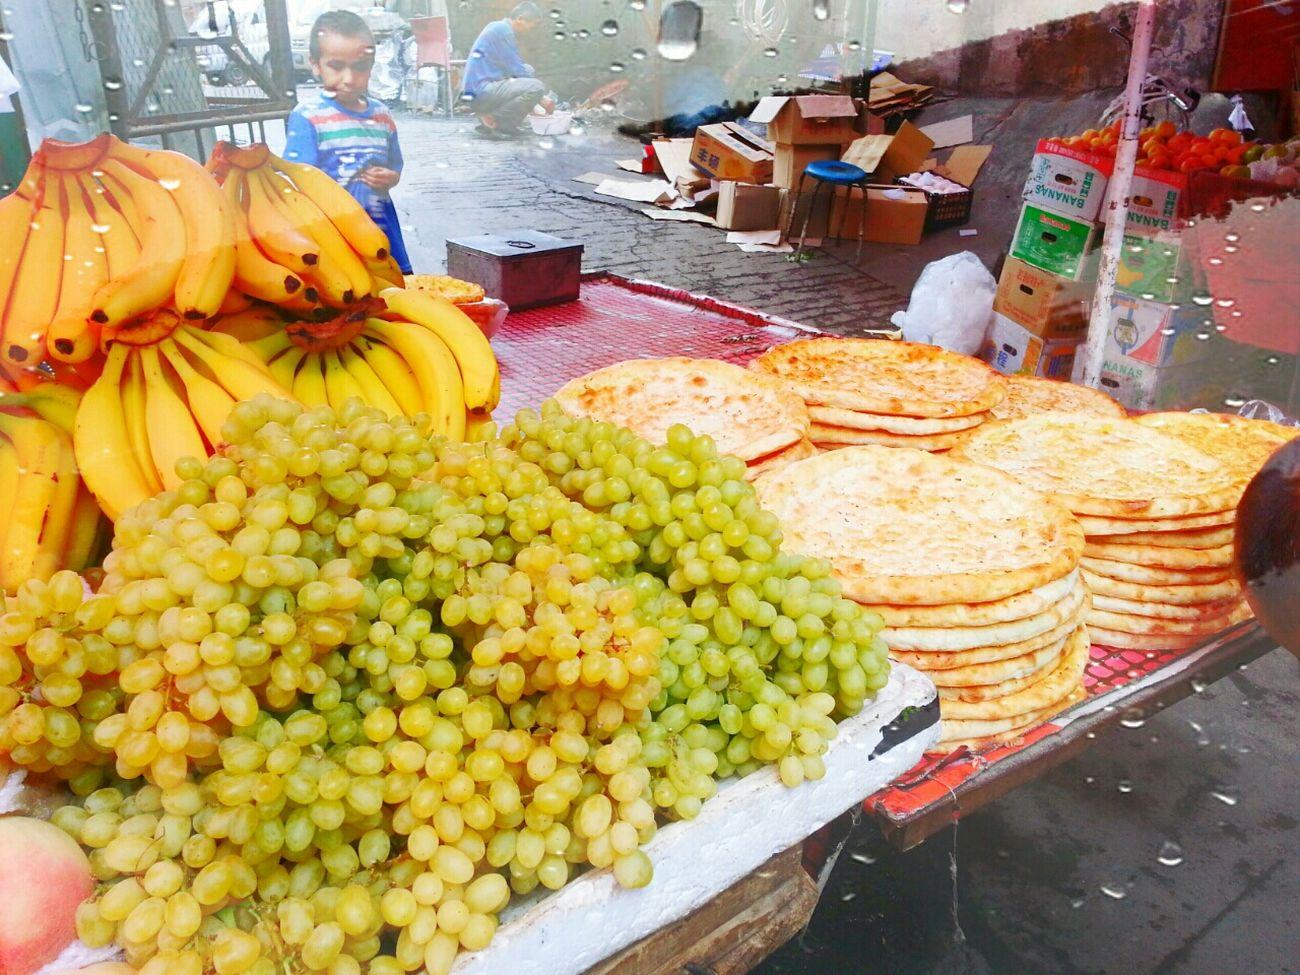 新疆 乌鲁木齐 Eyem Best Shots Rain ♥ Happy Day Delicious ♡ Like Eye For Photography Enjoying Life Urumqi Food Photography